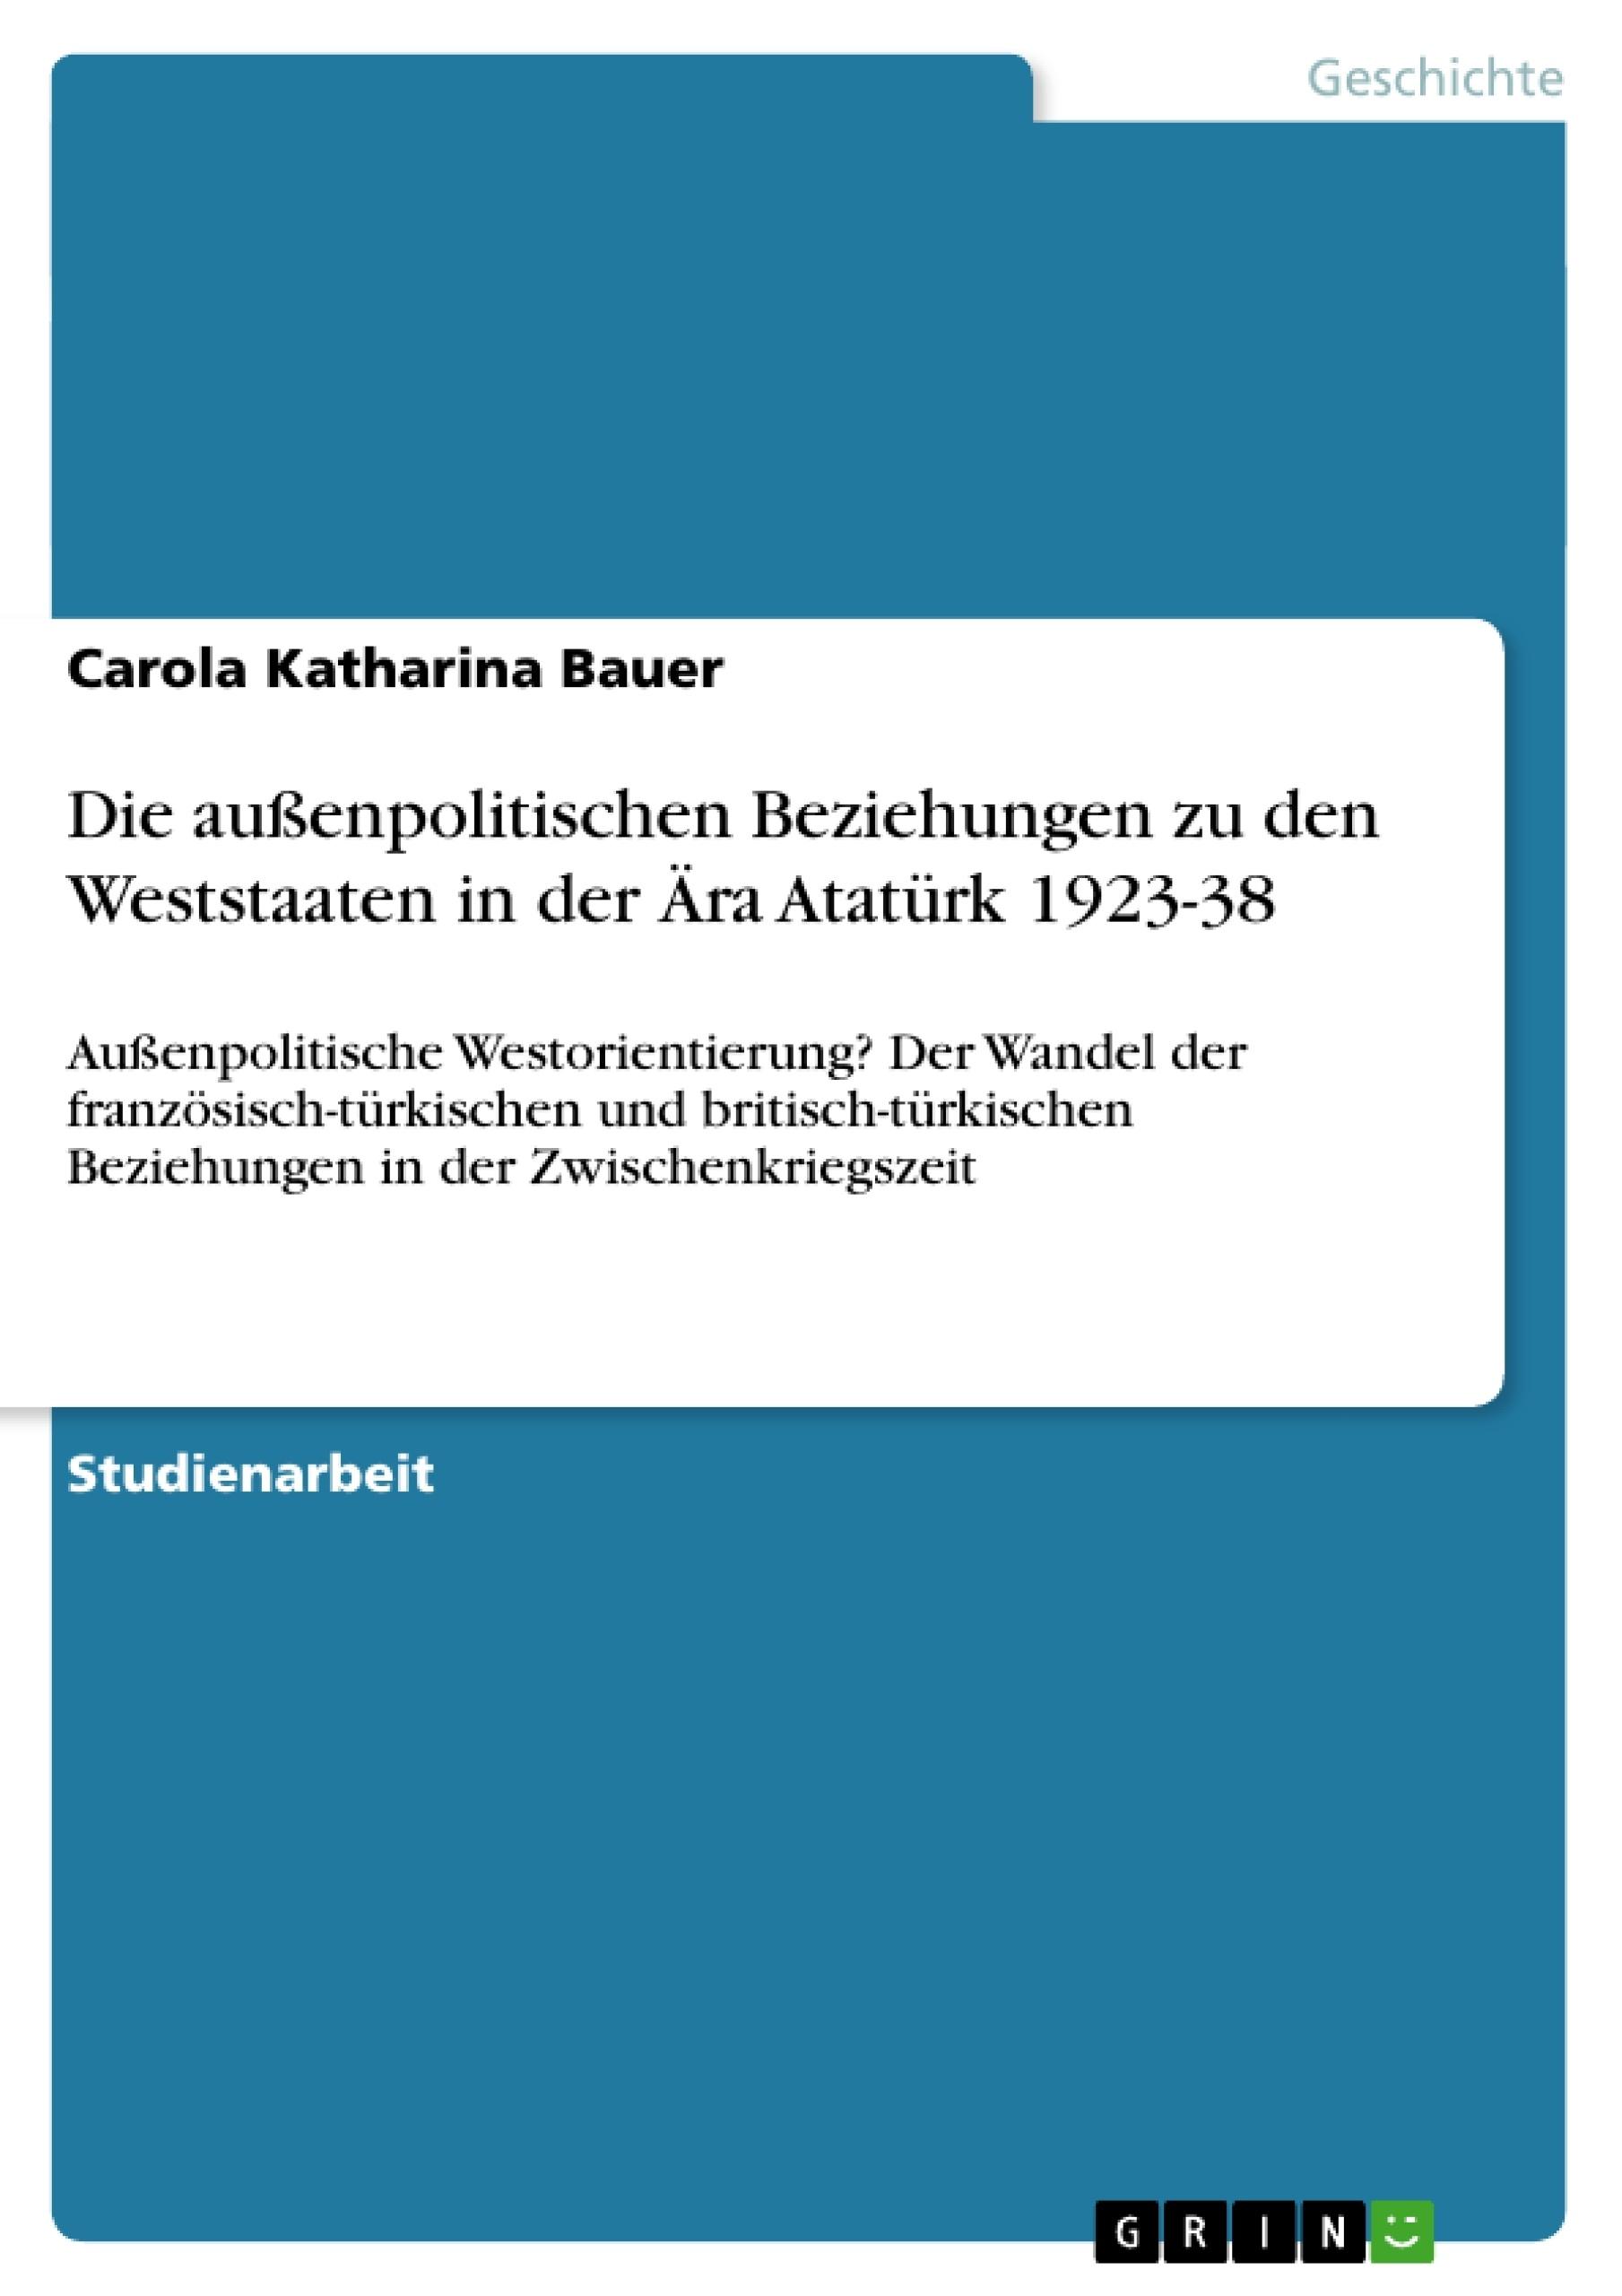 Titel: Die außenpolitischen Beziehungen zu den Weststaaten in der Ära Atatürk 1923-38